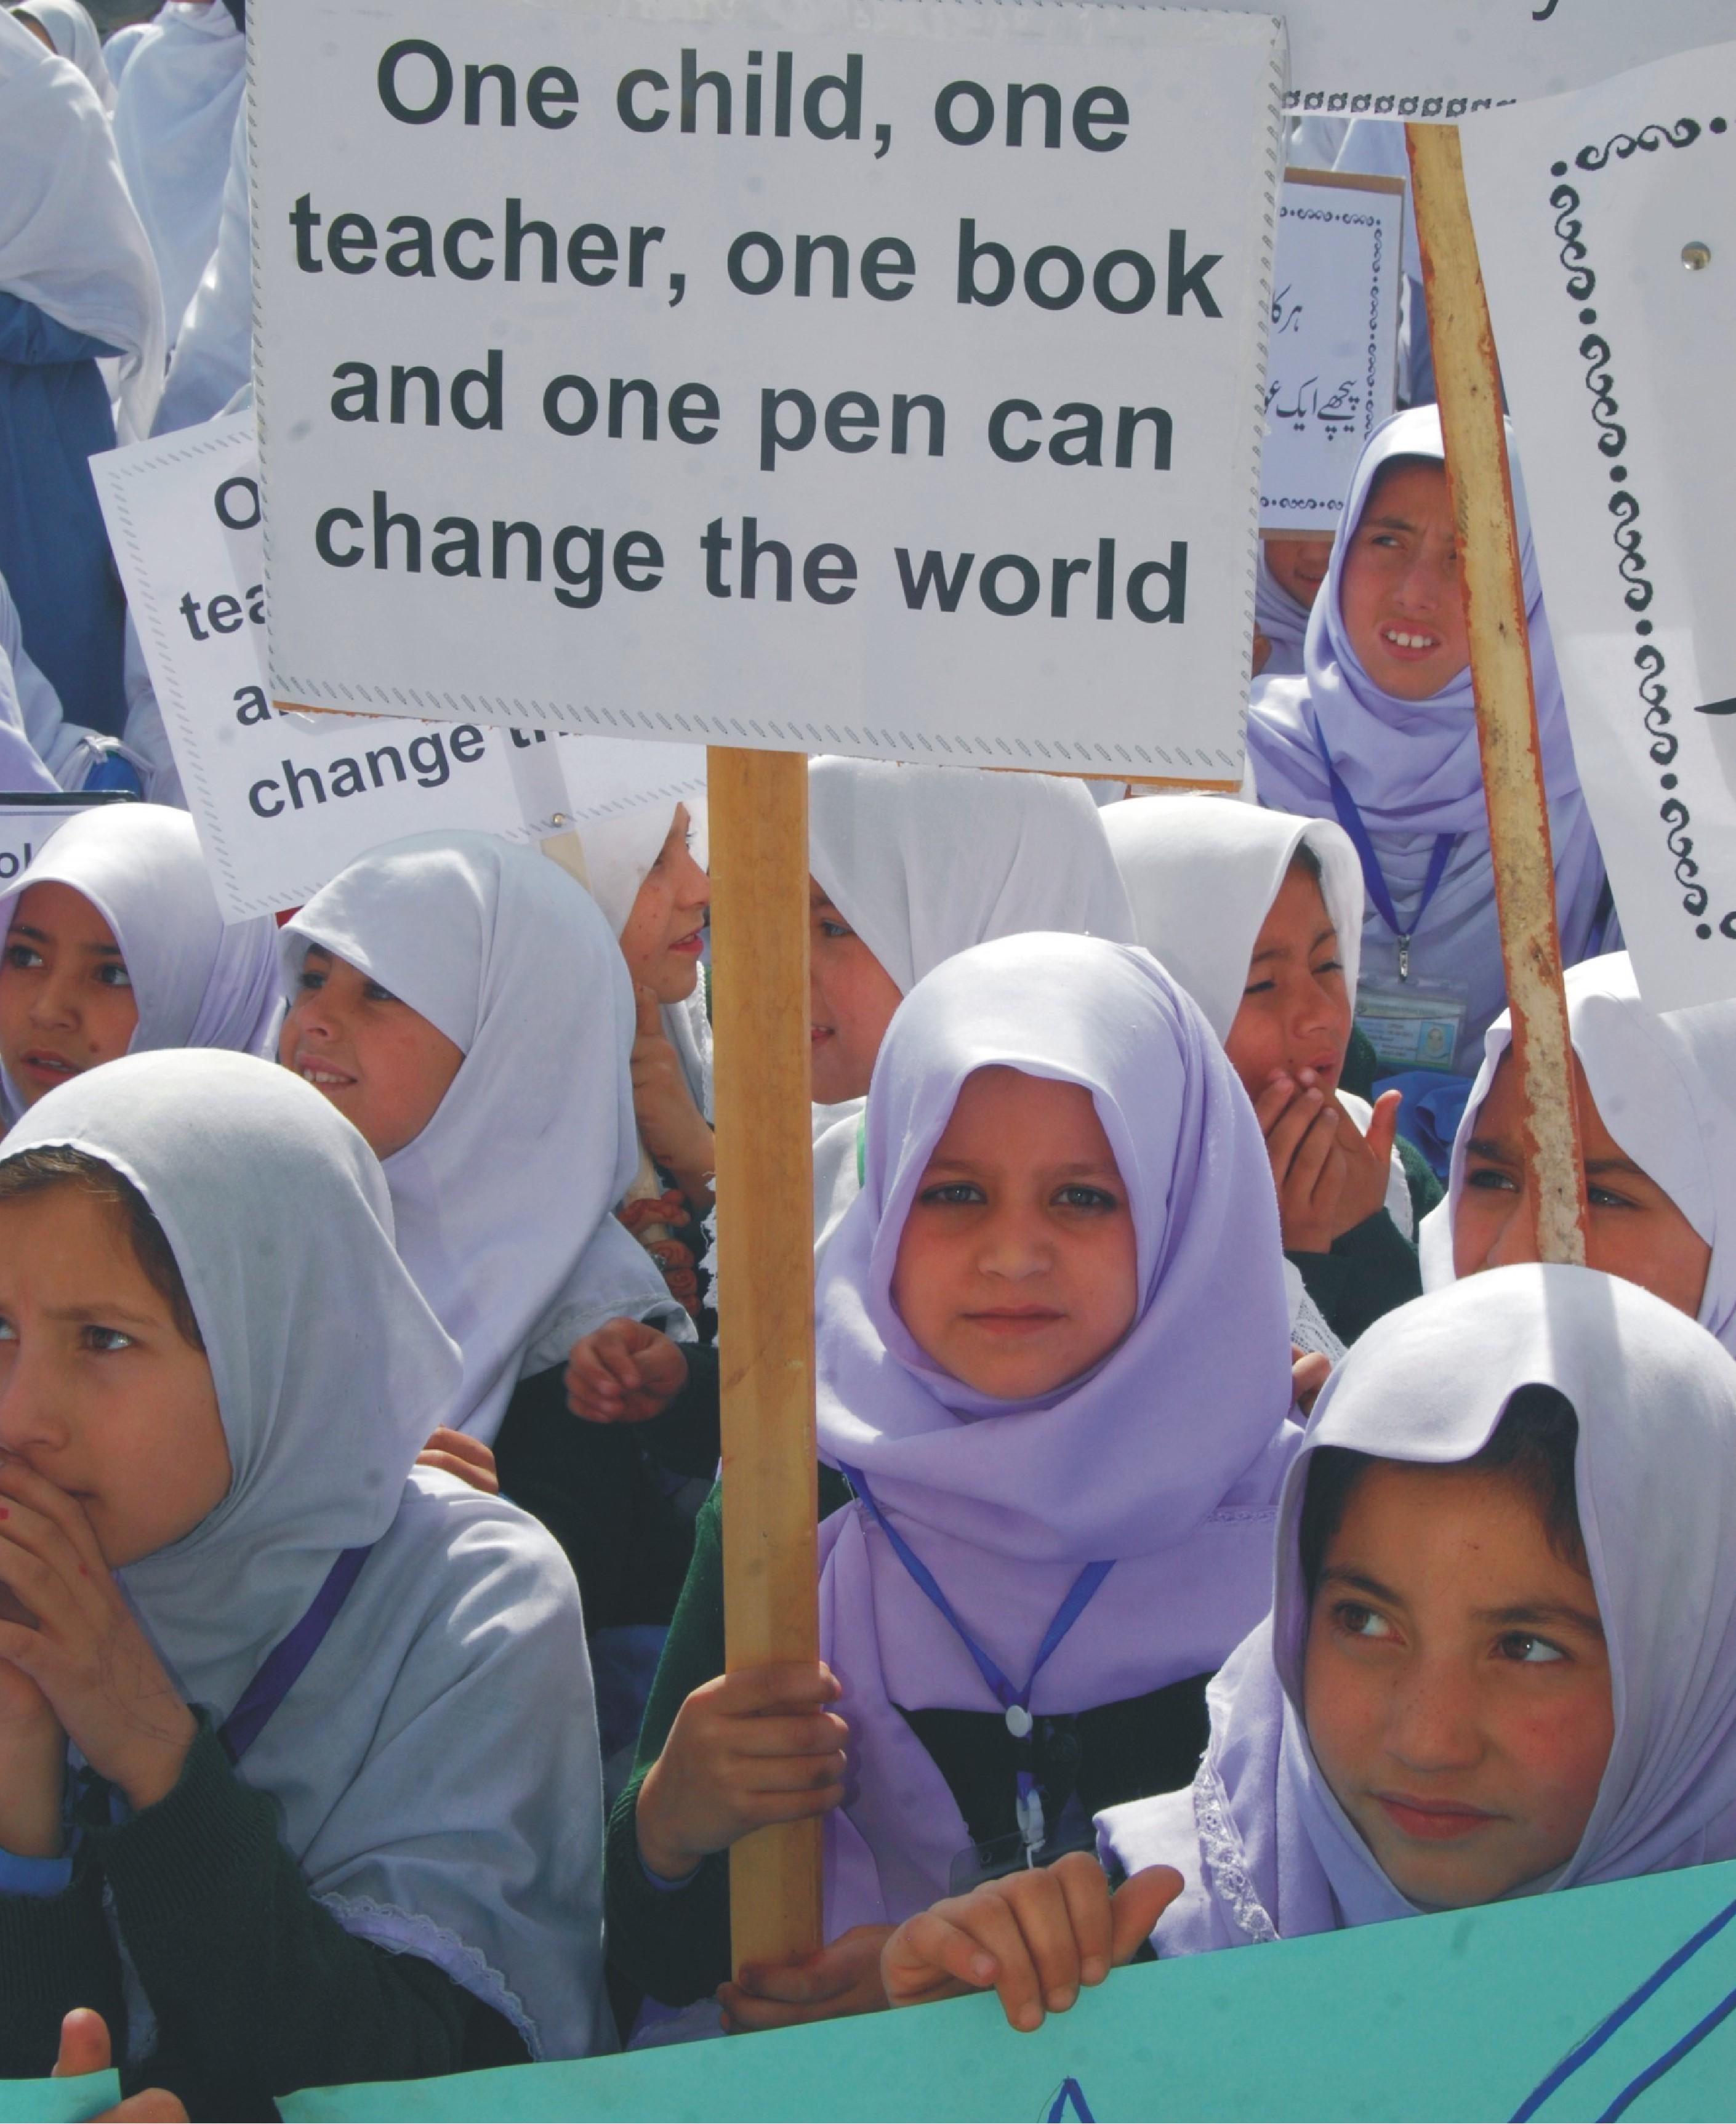 سکردو: بچیوں کا عالمی دن کی مناسبت سے ریلی